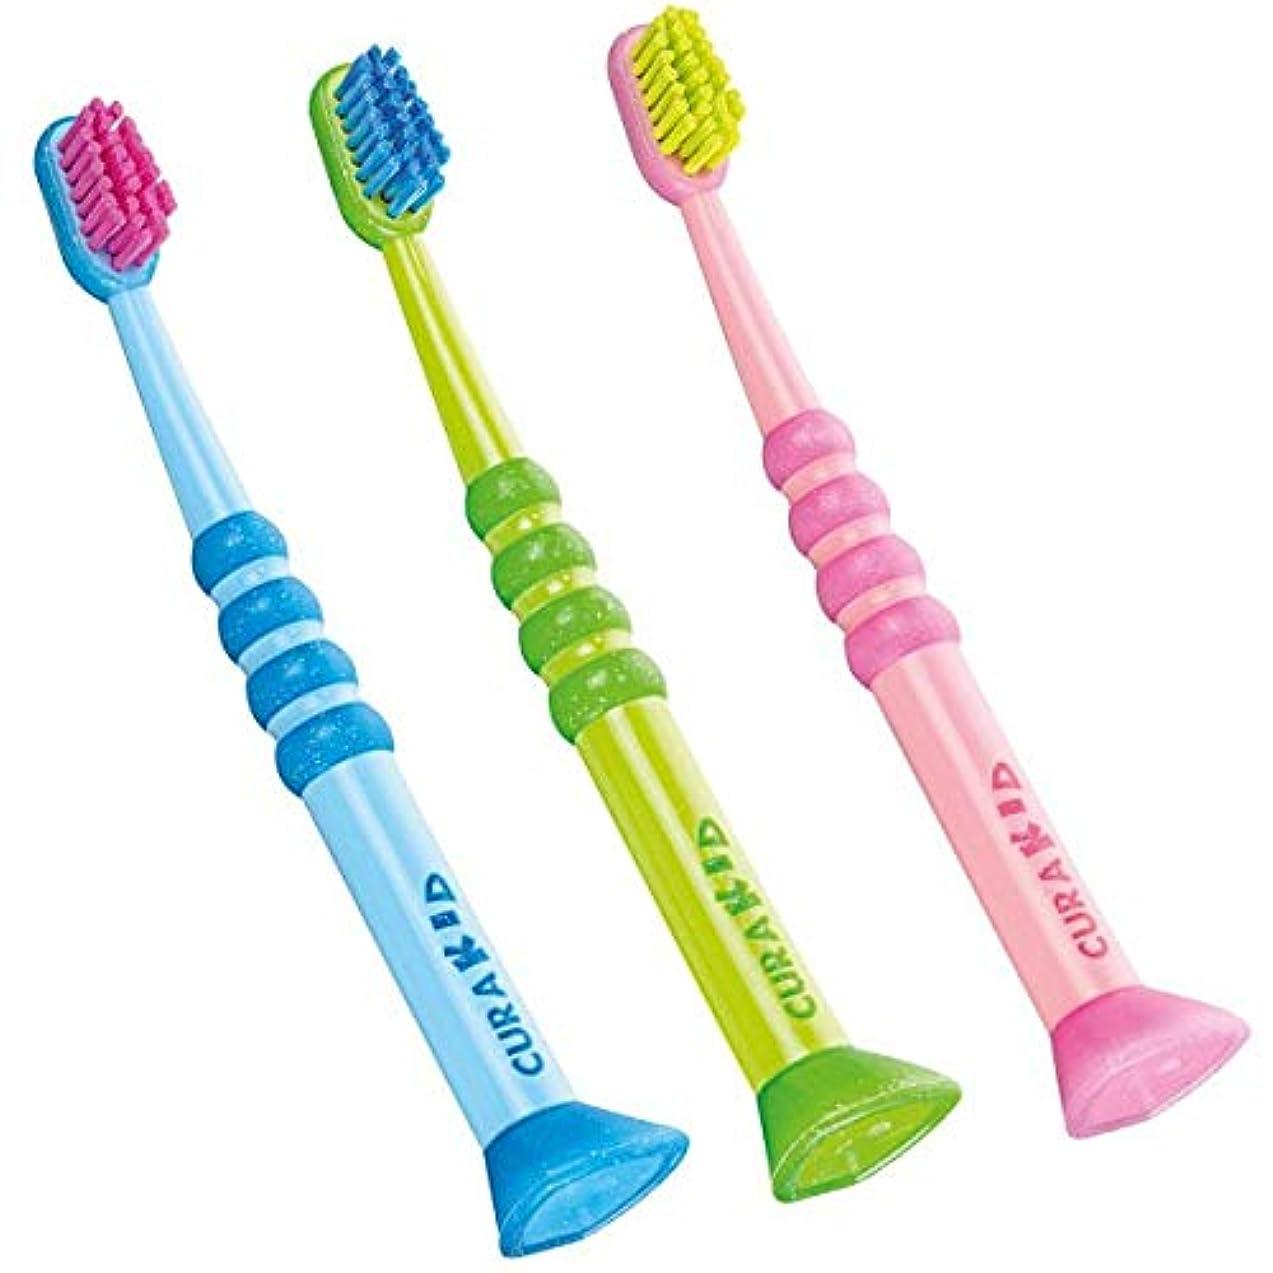 世界人物飽和するクラプロックス 歯ブラシ CK4260 クラキッズ